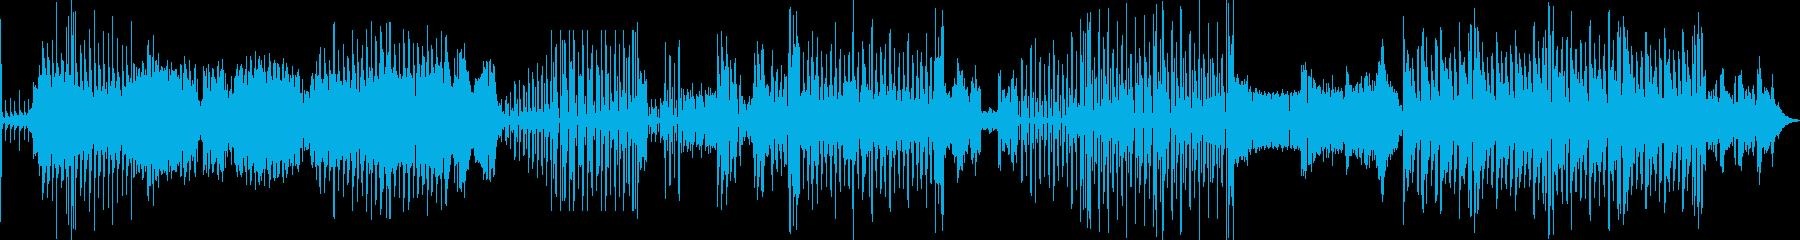 コミカルなリズムでダークなメロディーの再生済みの波形